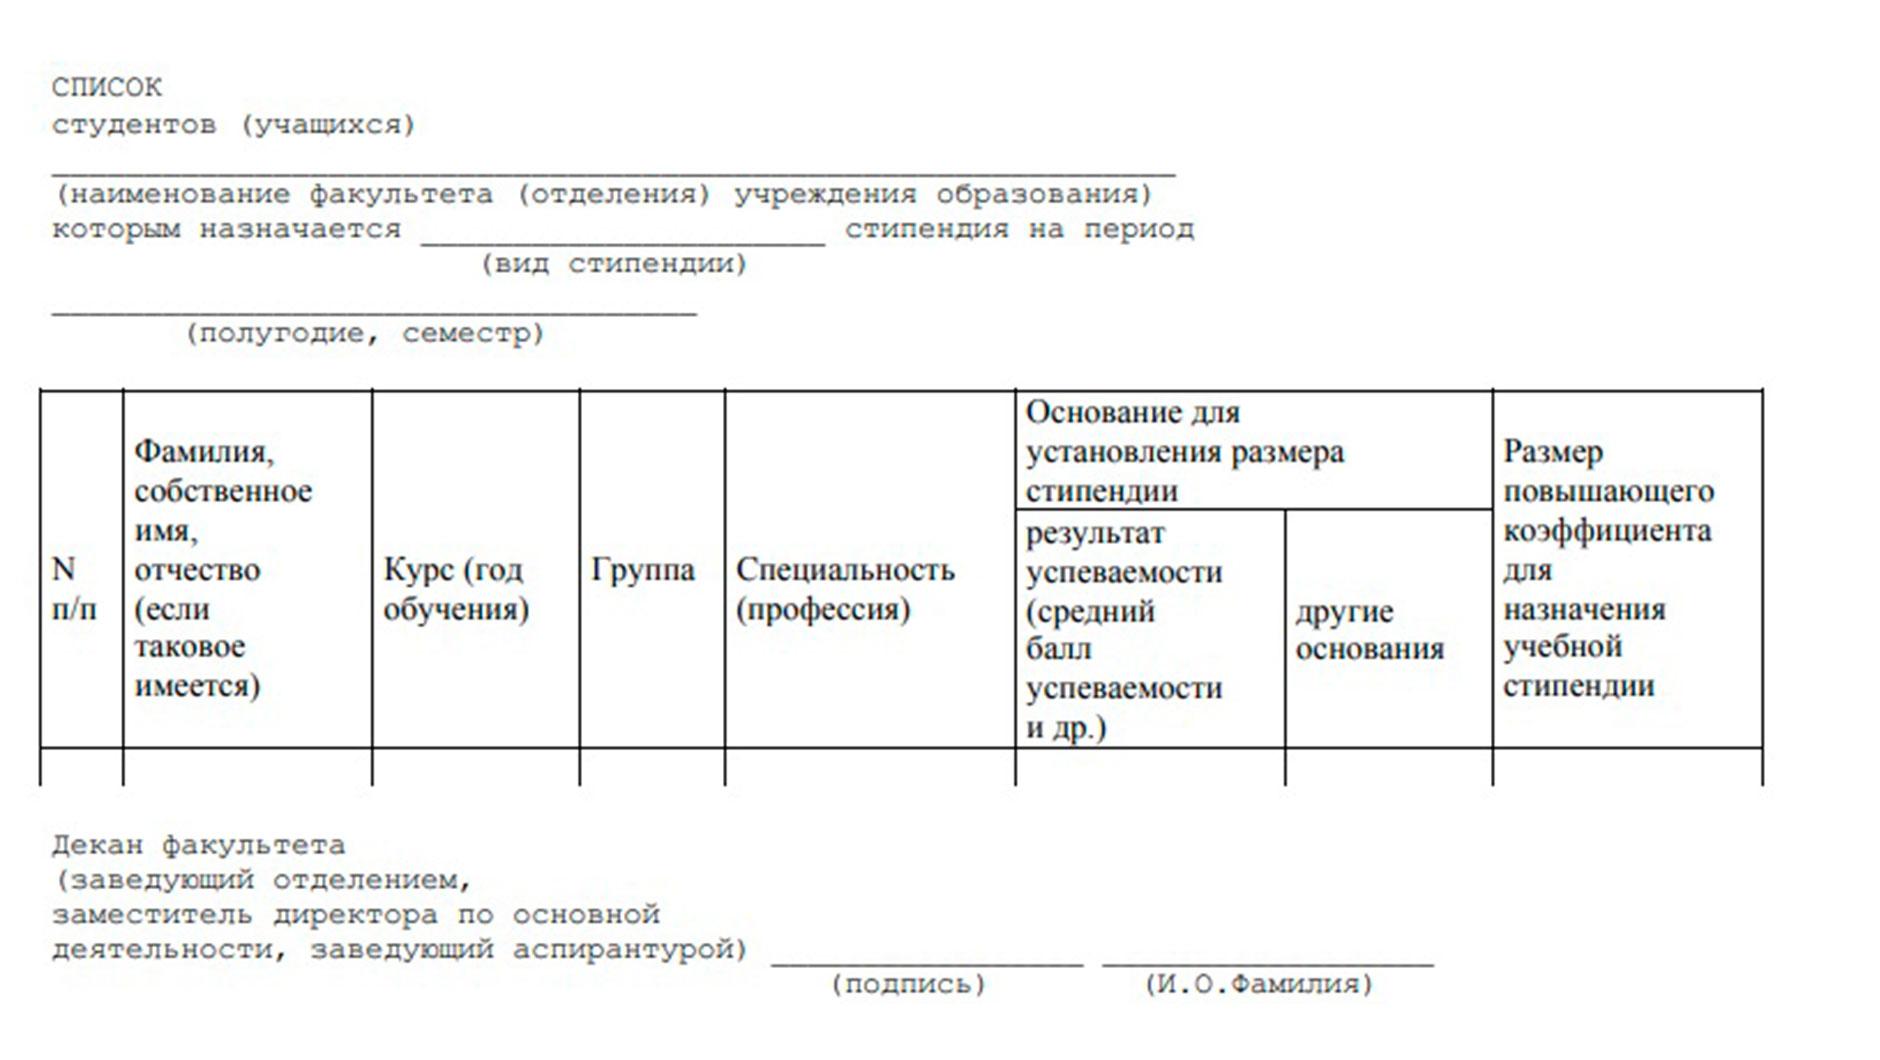 Деканы или заведующие отделением предоставляют ректору (директору) заявления и списки претендентов в течение 5 дней после окончания сессии